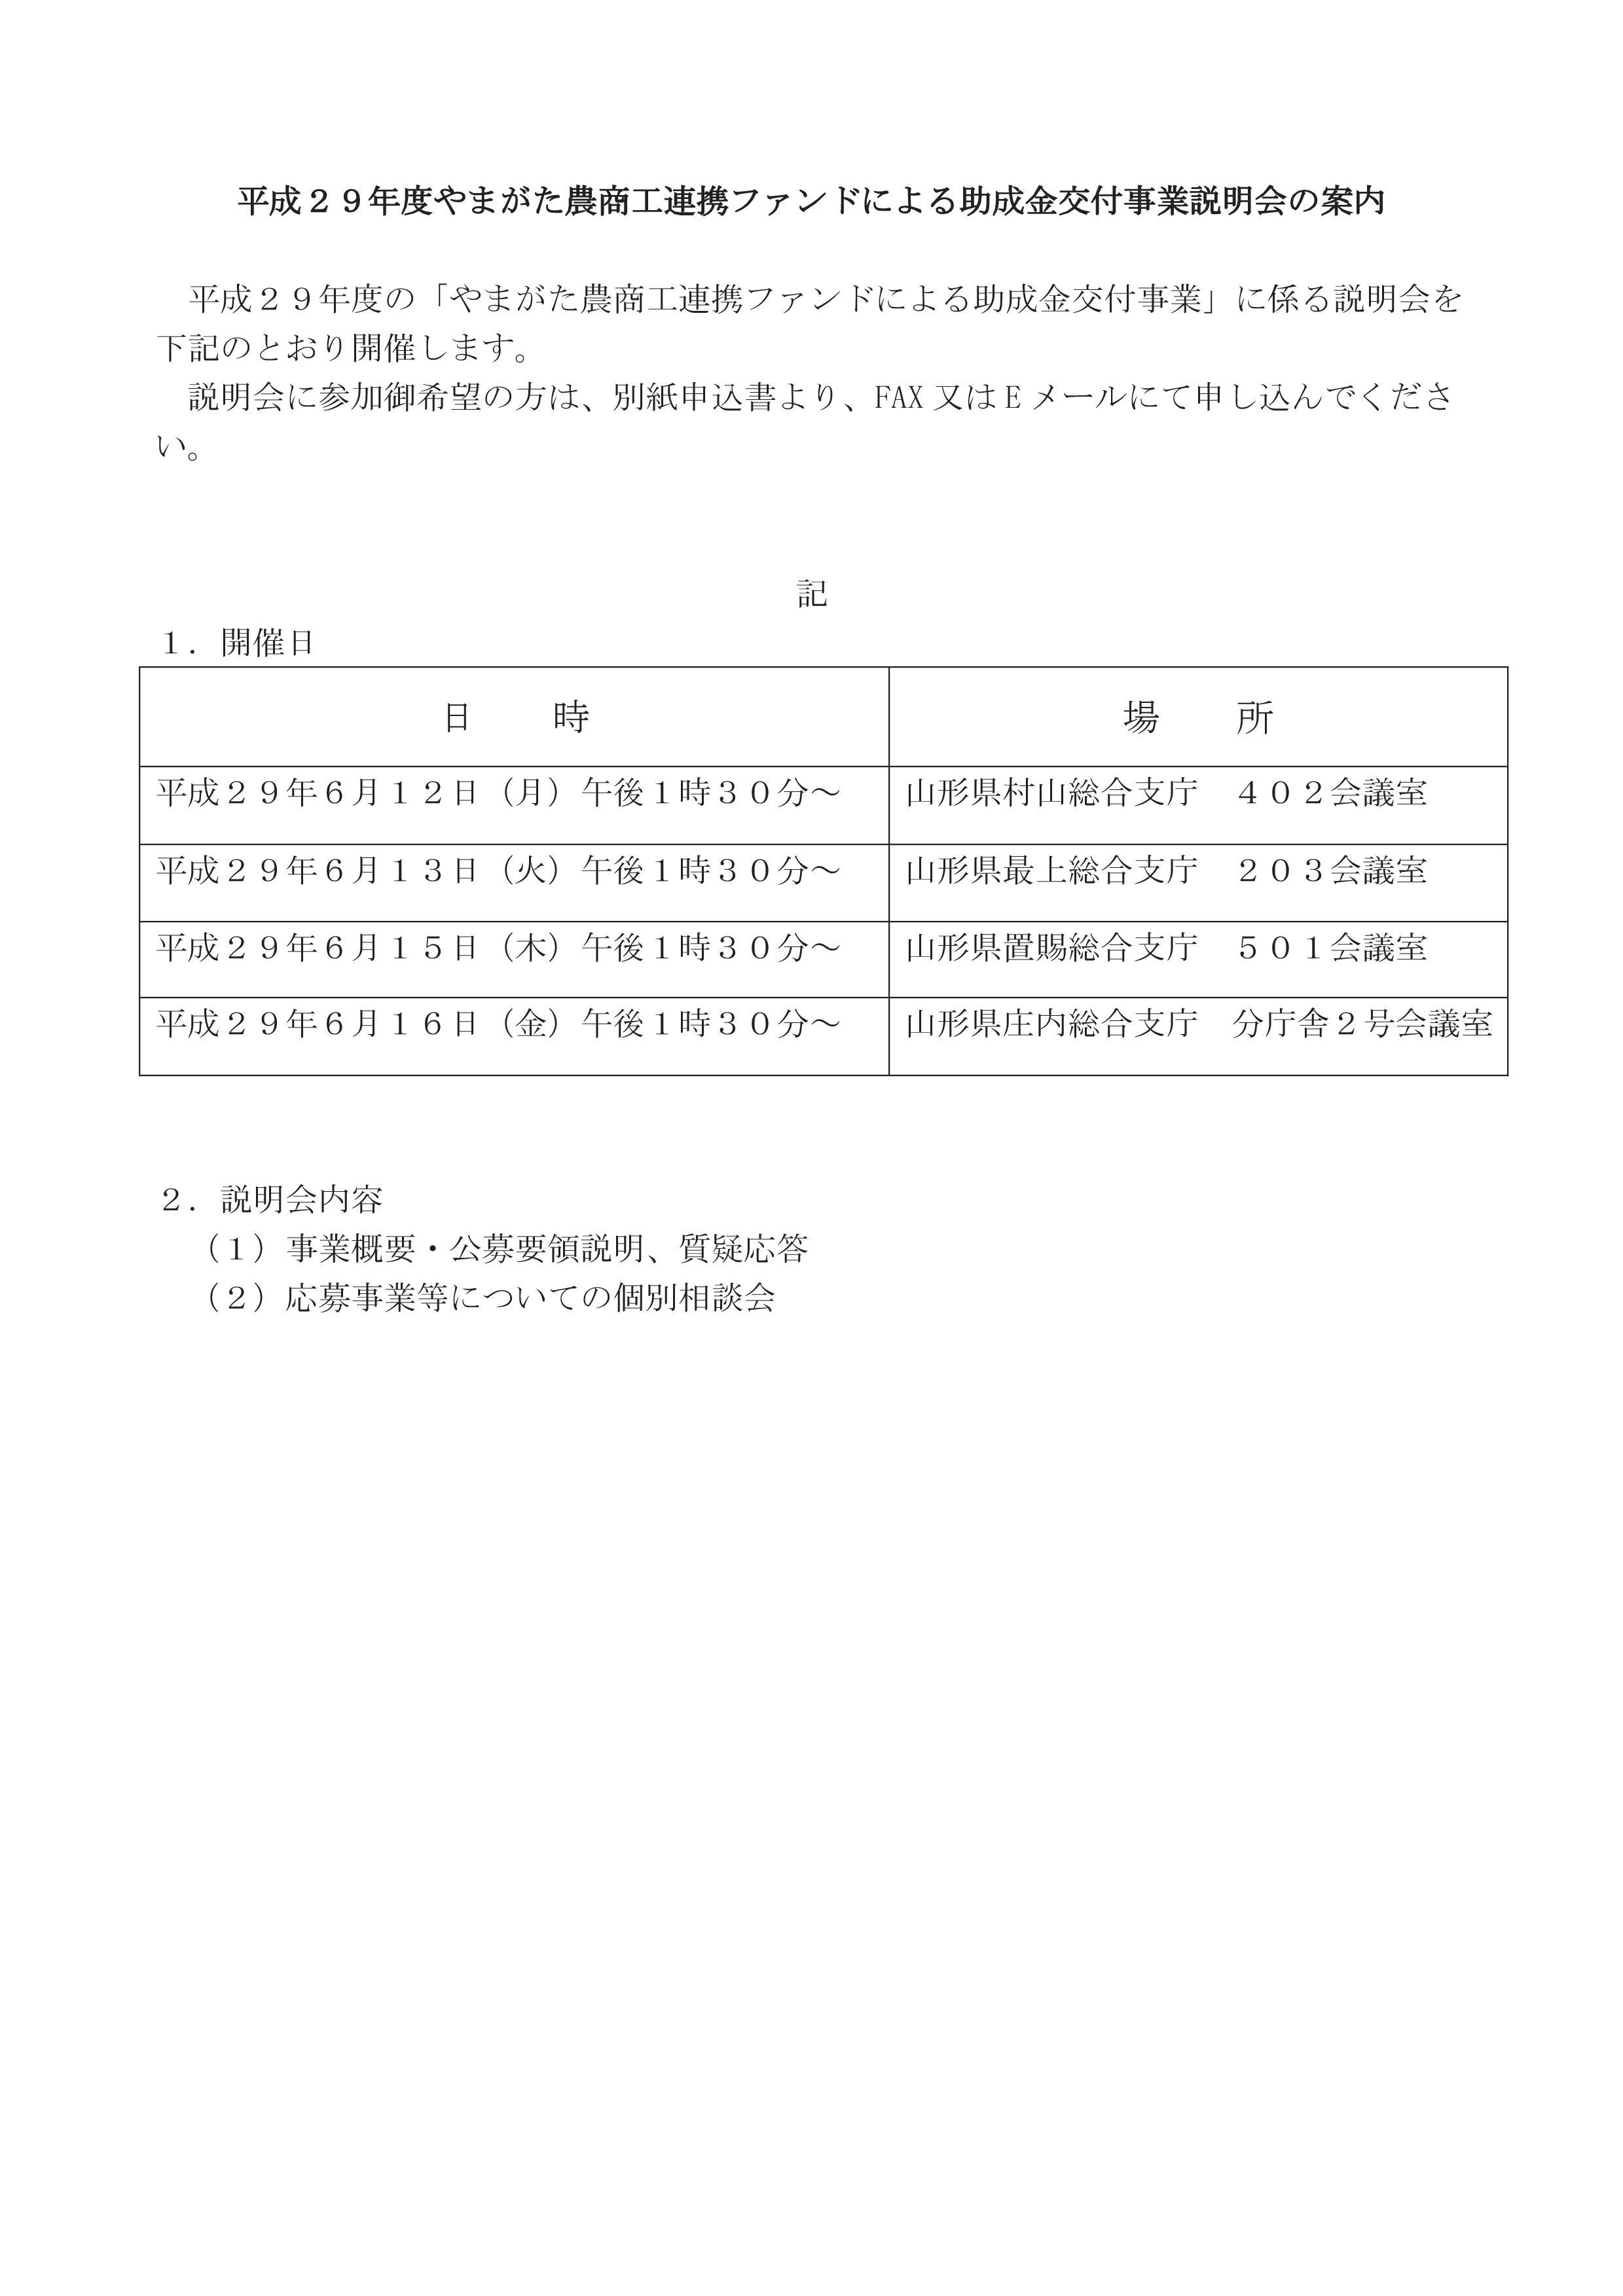 やまがた農商工連携ファンド事業助成説明会申込書-001.jpg